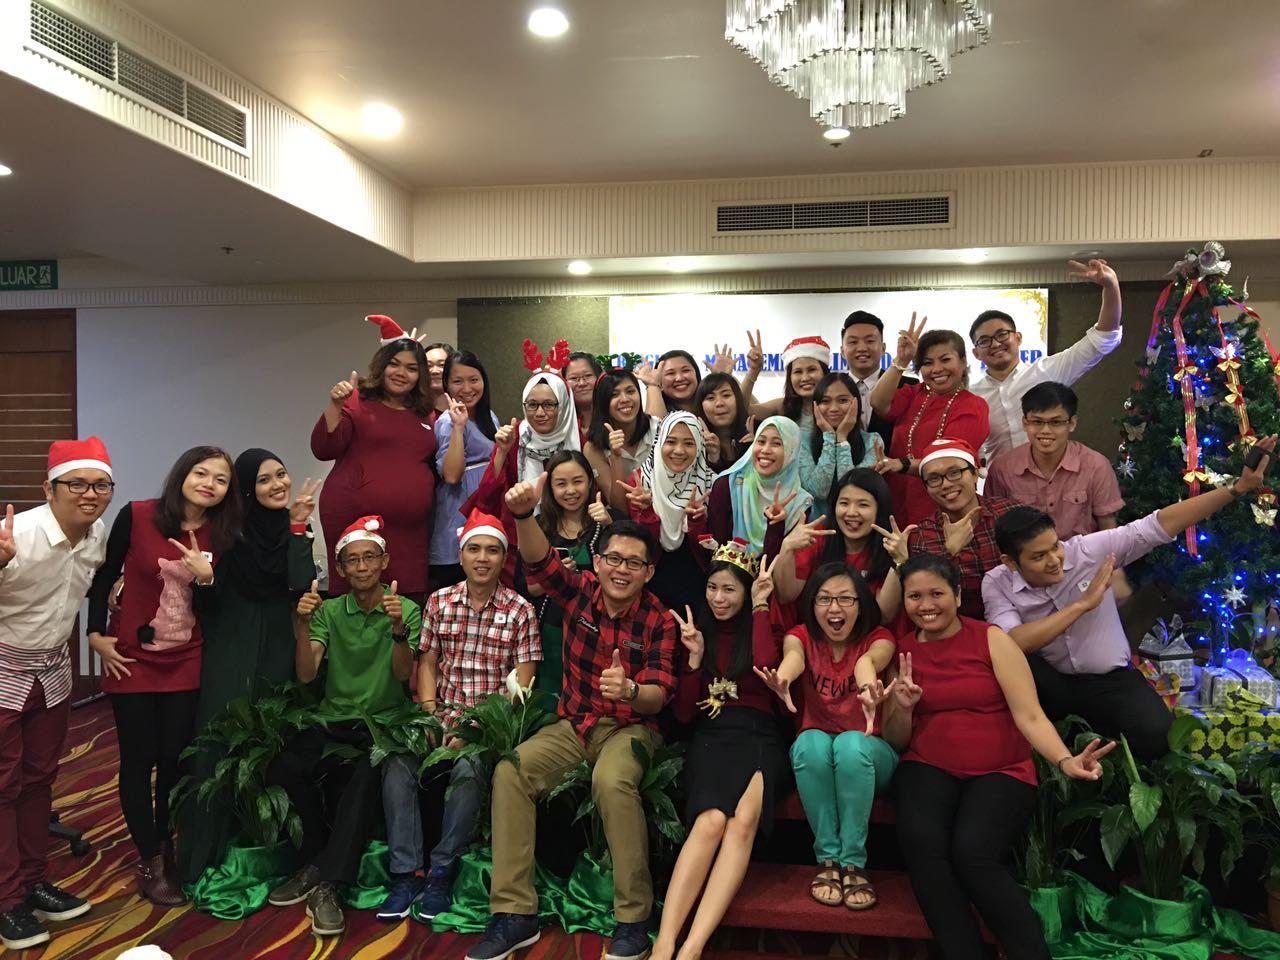 IMG-20161213-WA0002